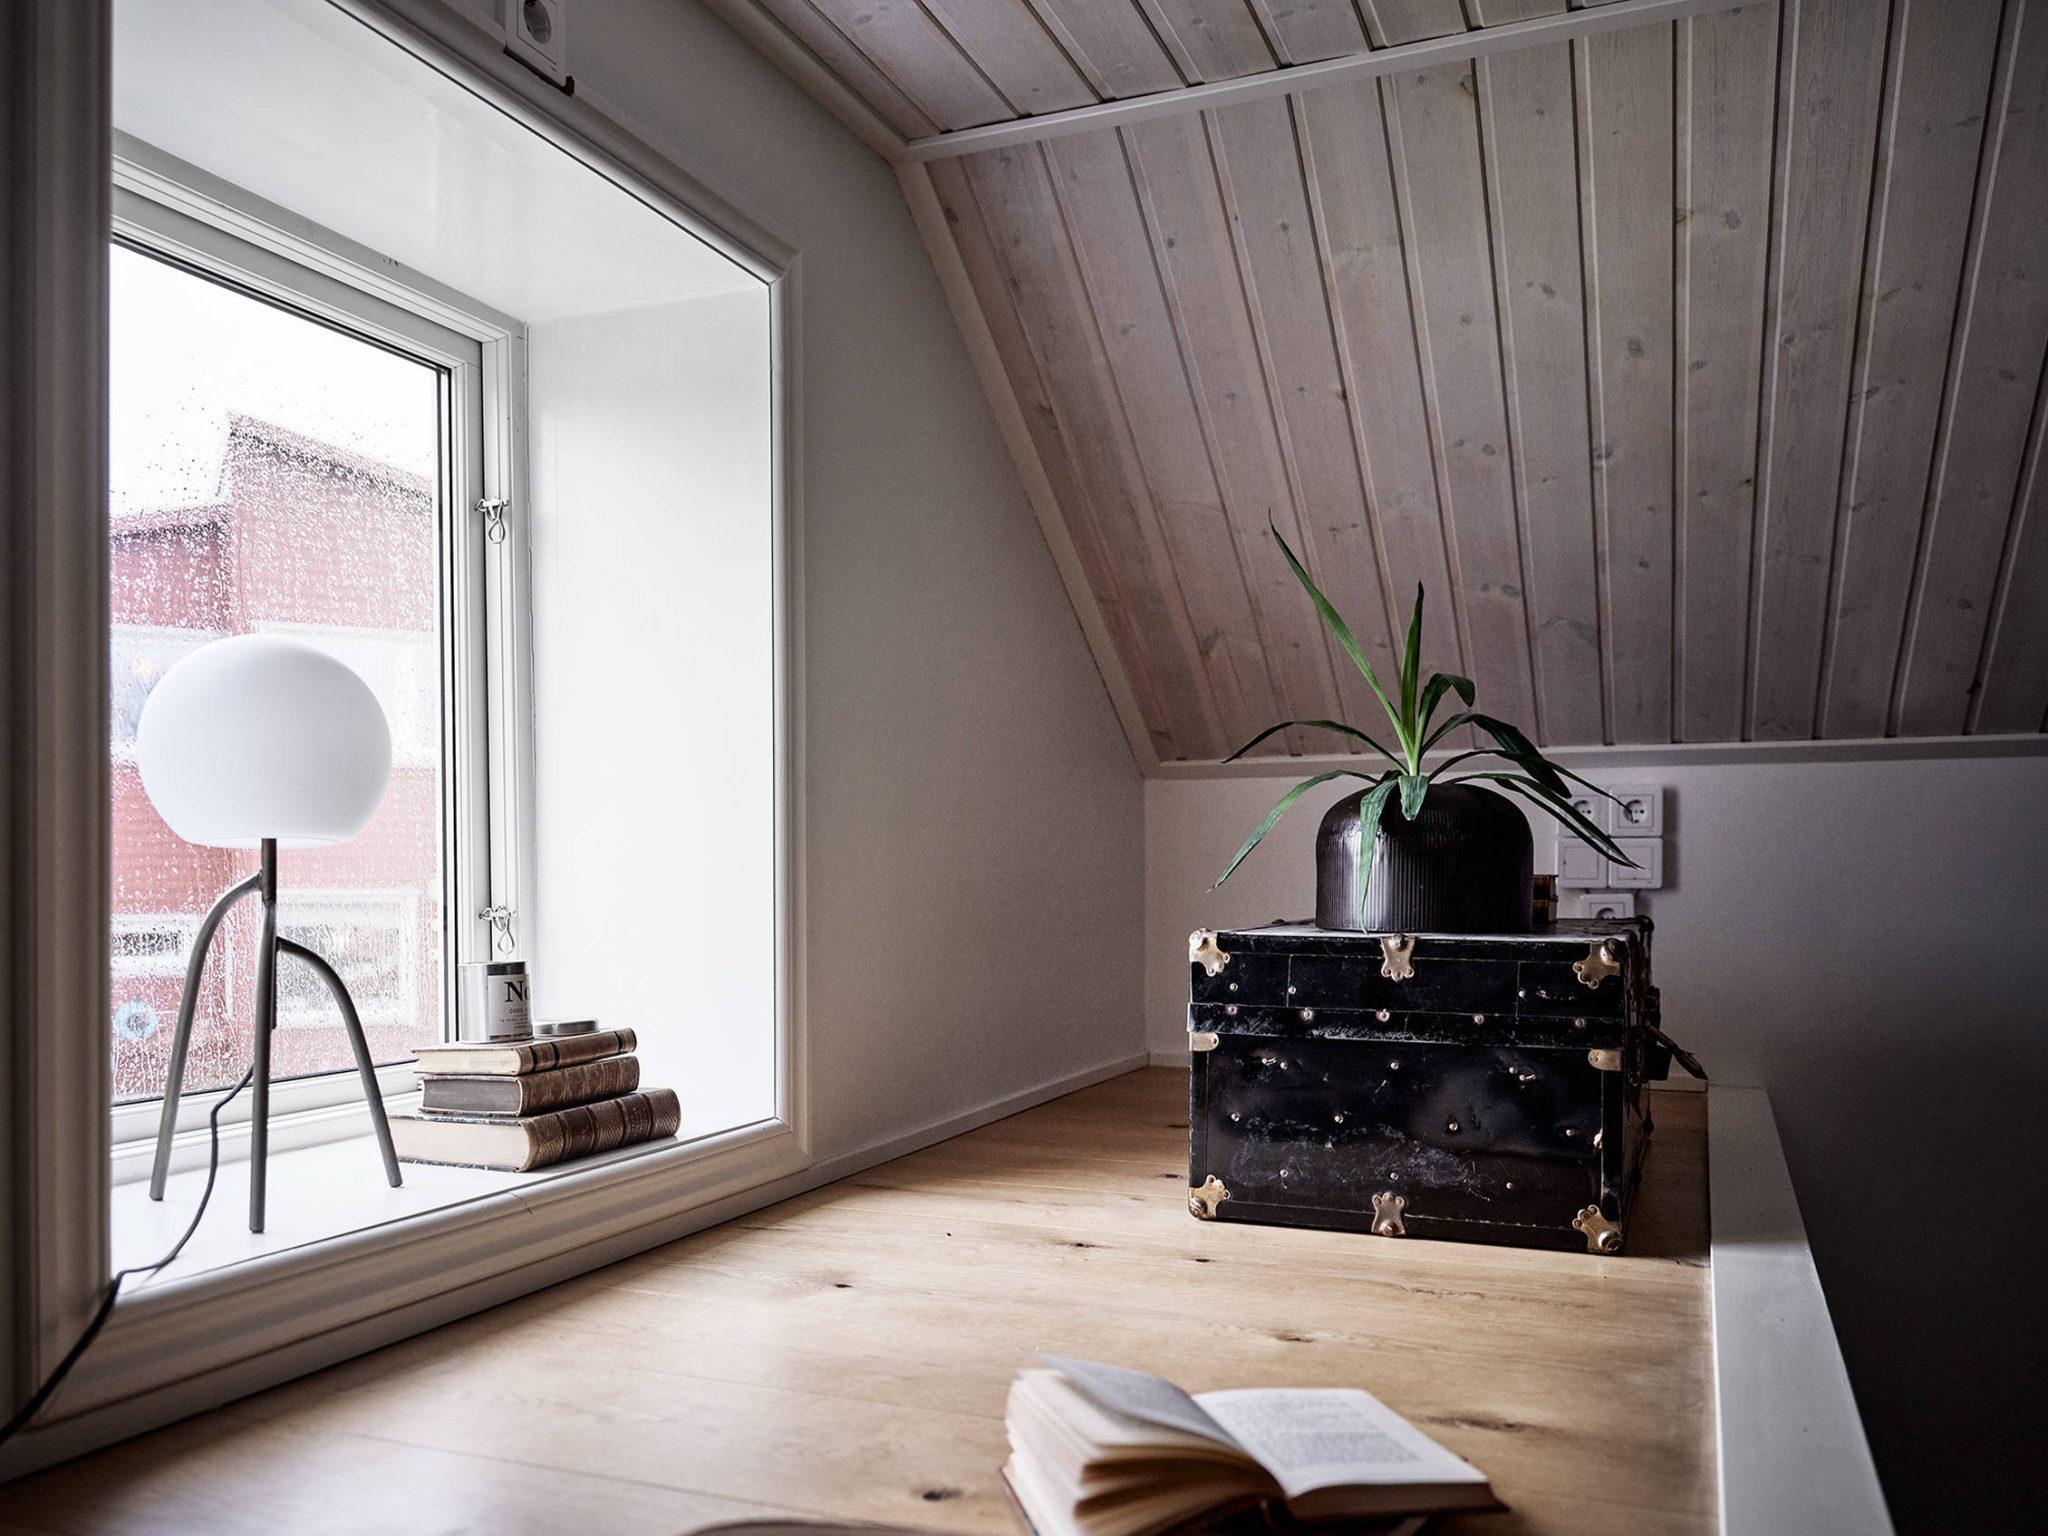 Tavan înclinat și decor rusti scandinav într o casă din Suedia 10